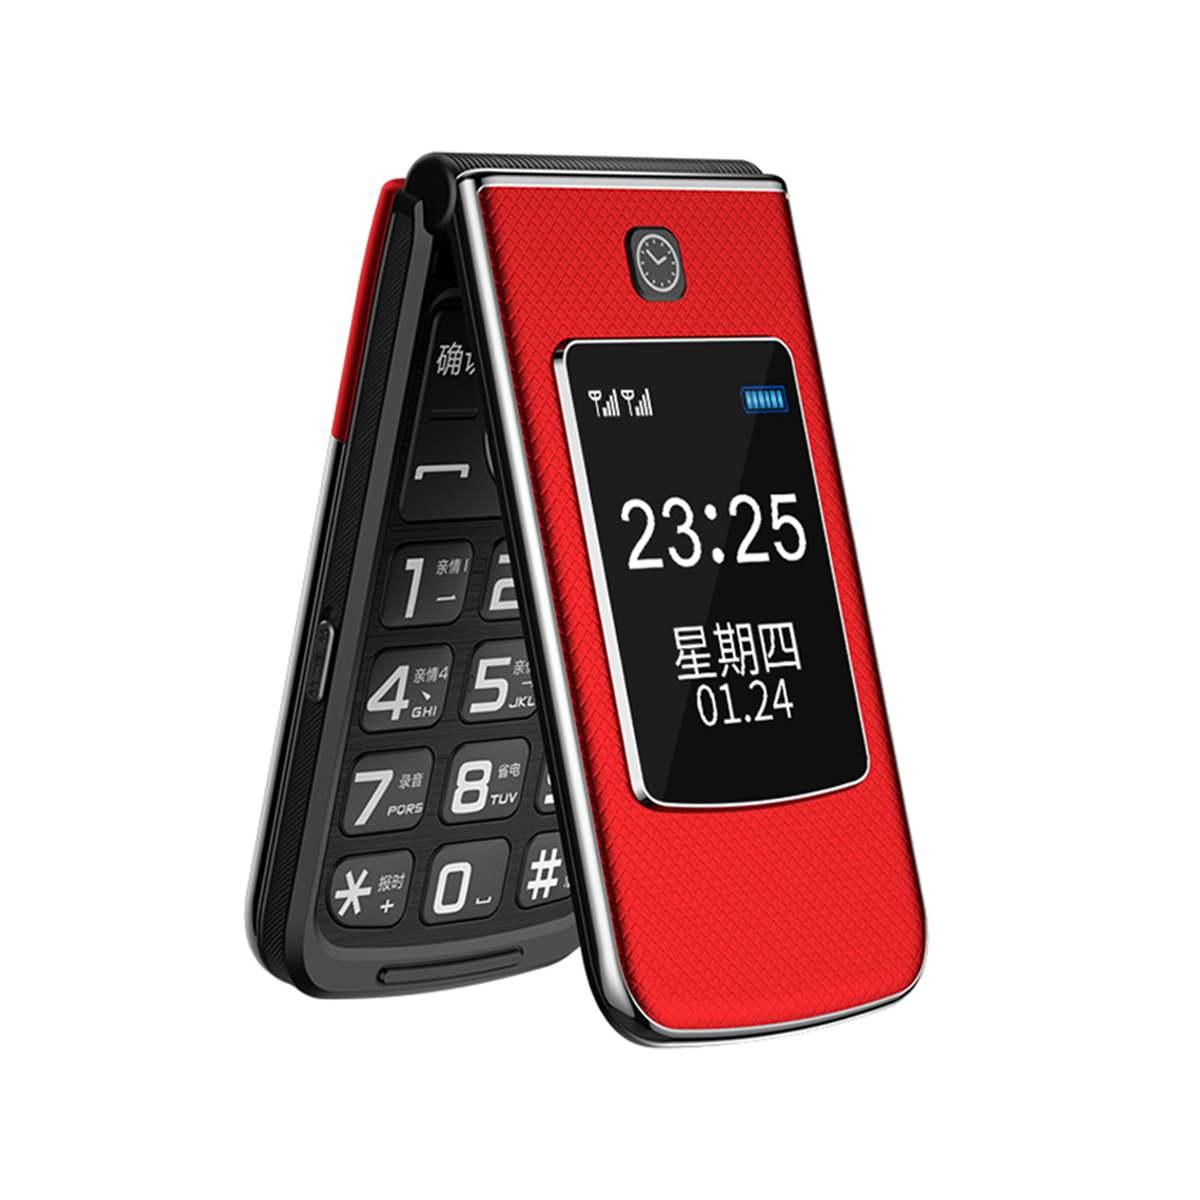 中兴守护宝 L6 移动/联通2G 双屏翻盖老人手机 大声音大字体老年机守护宝L6-典雅红